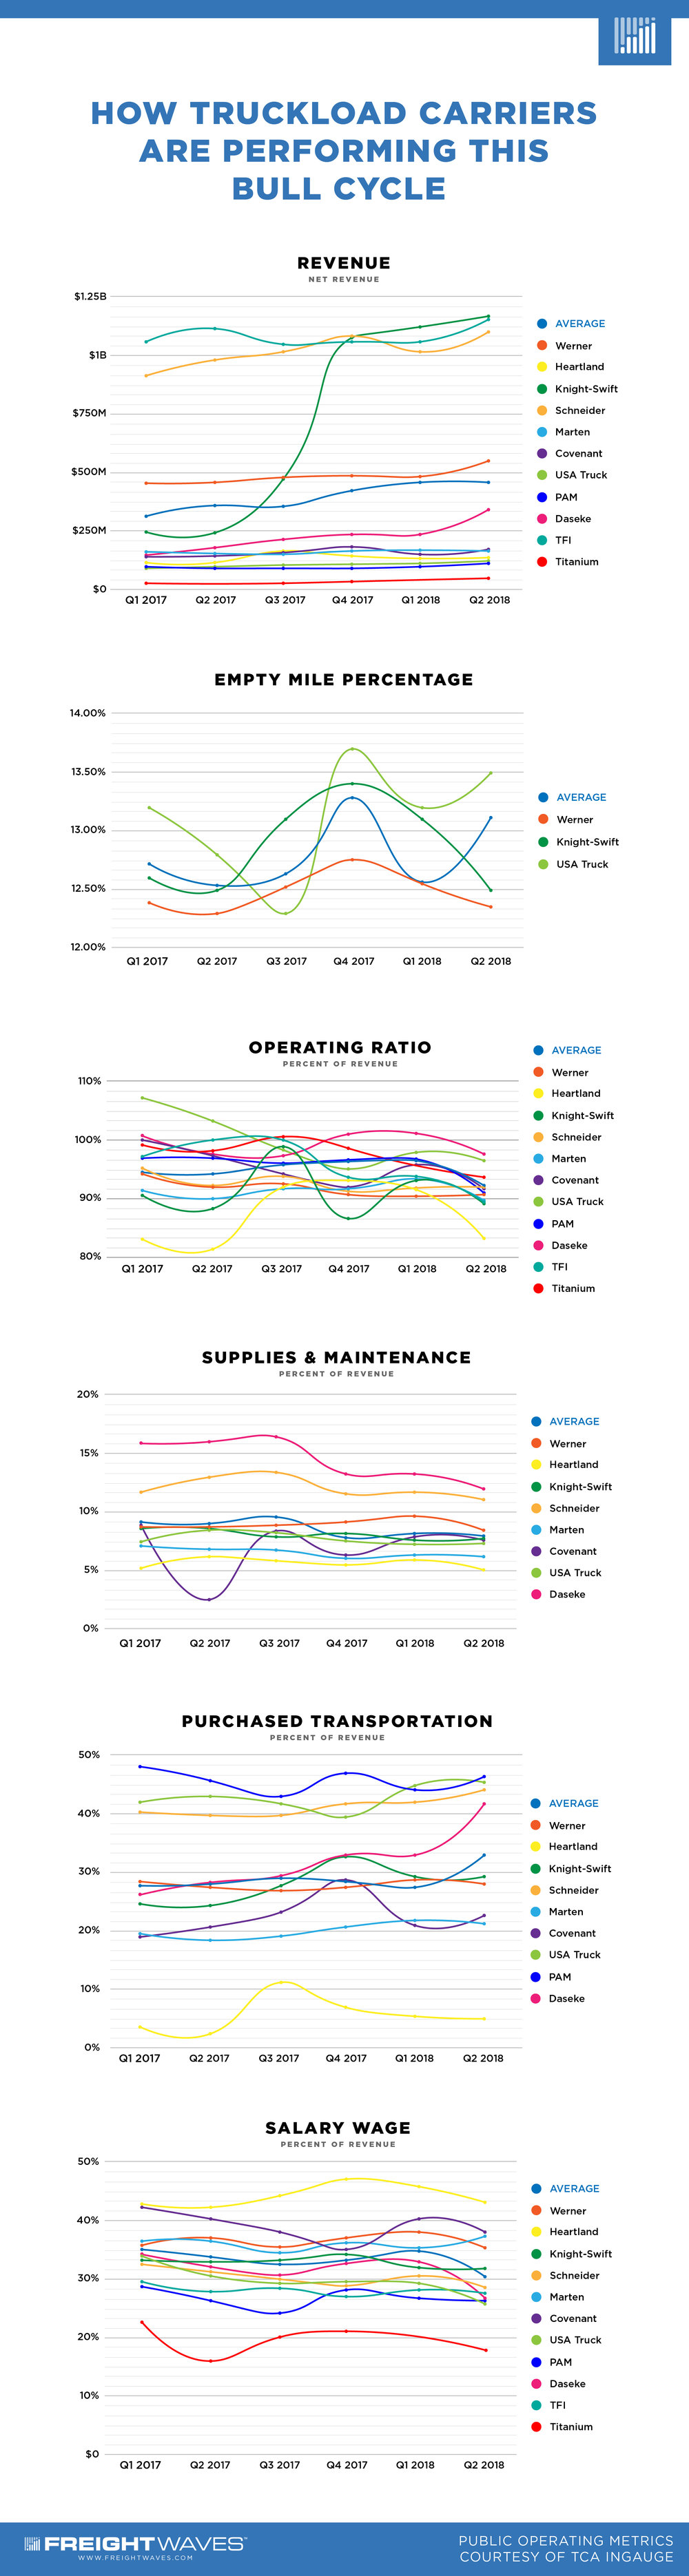 CarrierPerformance-Infographic-LONG.jpg